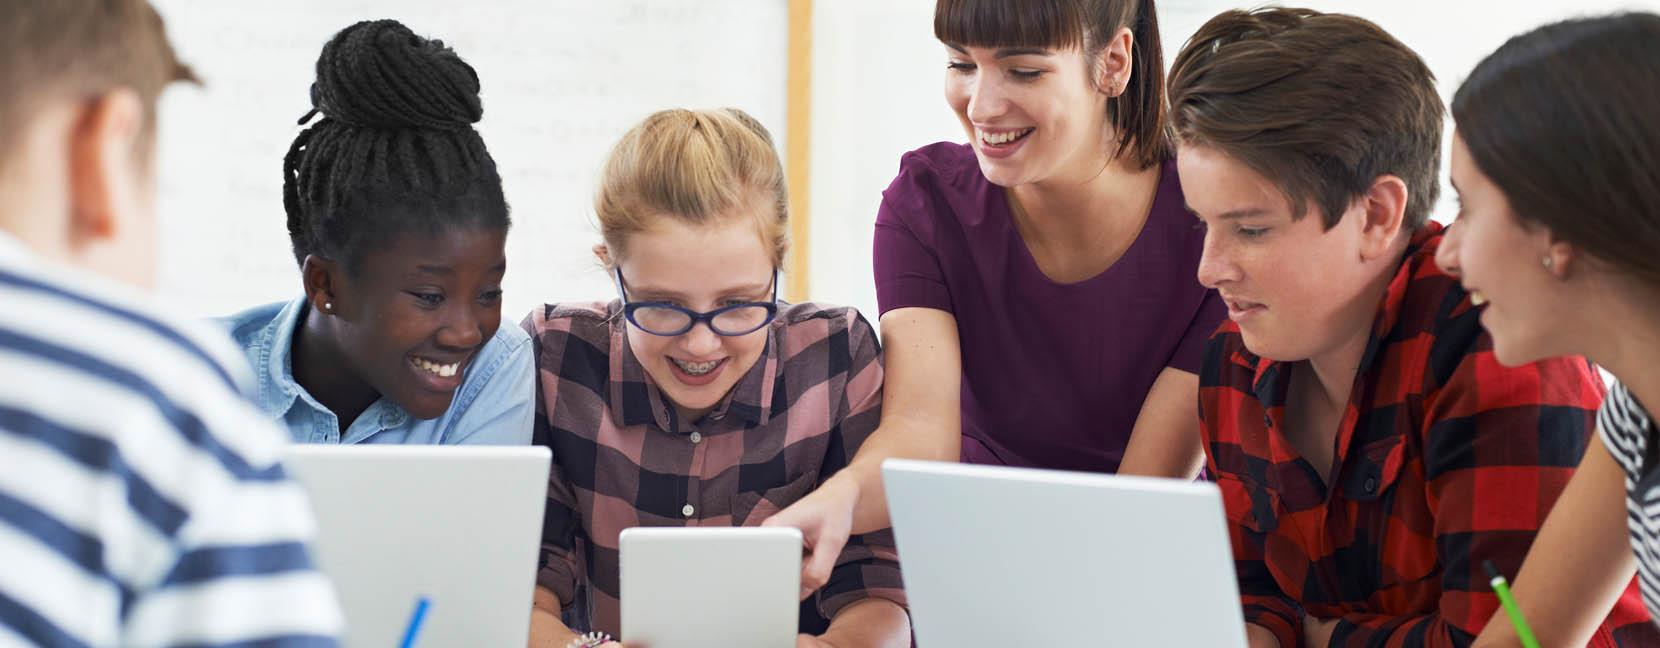 Ragazzi che studiano insieme con computer e pad